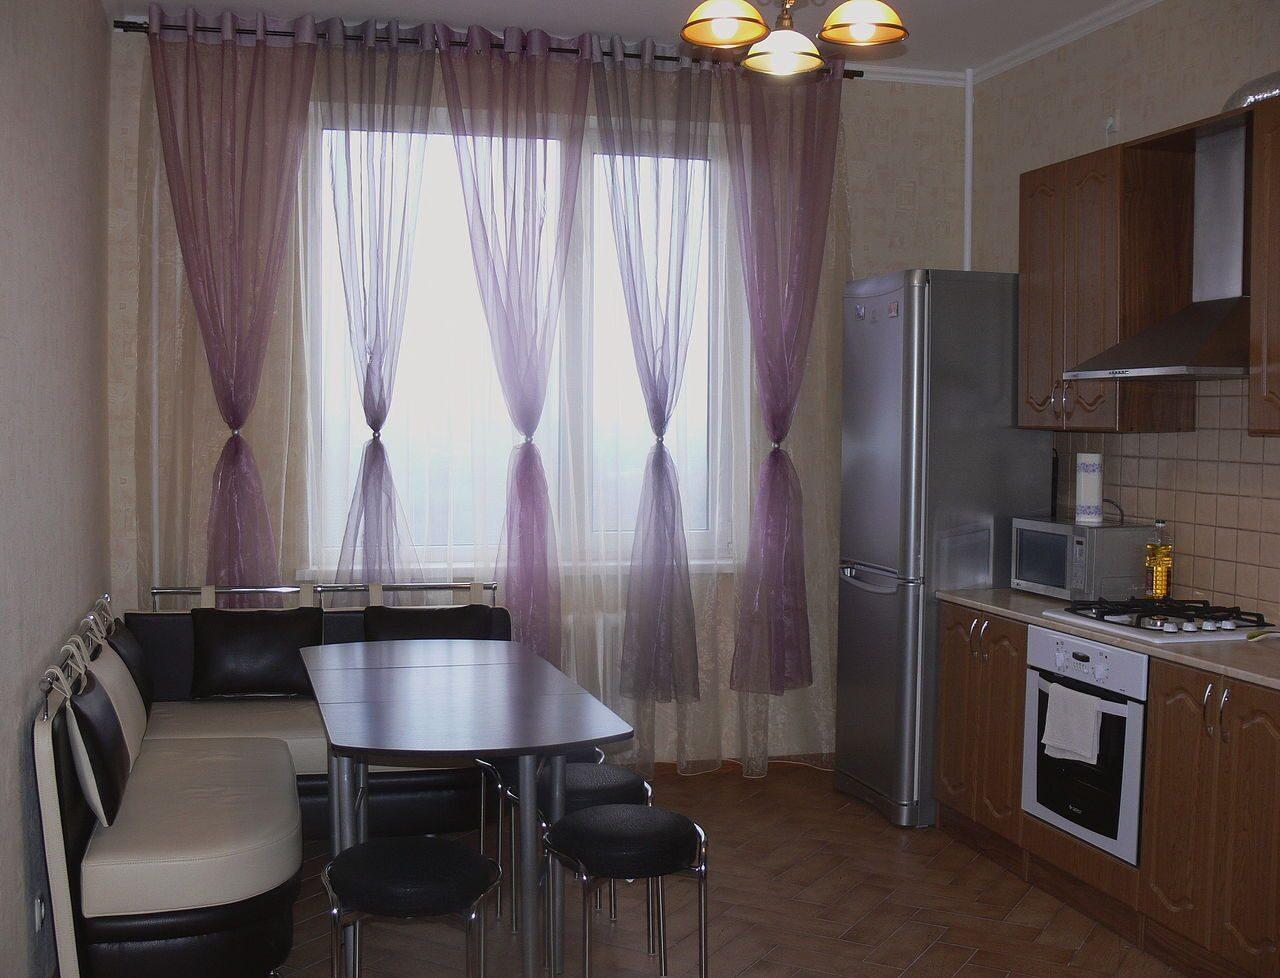 Картинки по запросу дизайнерское оформление окна в кухне